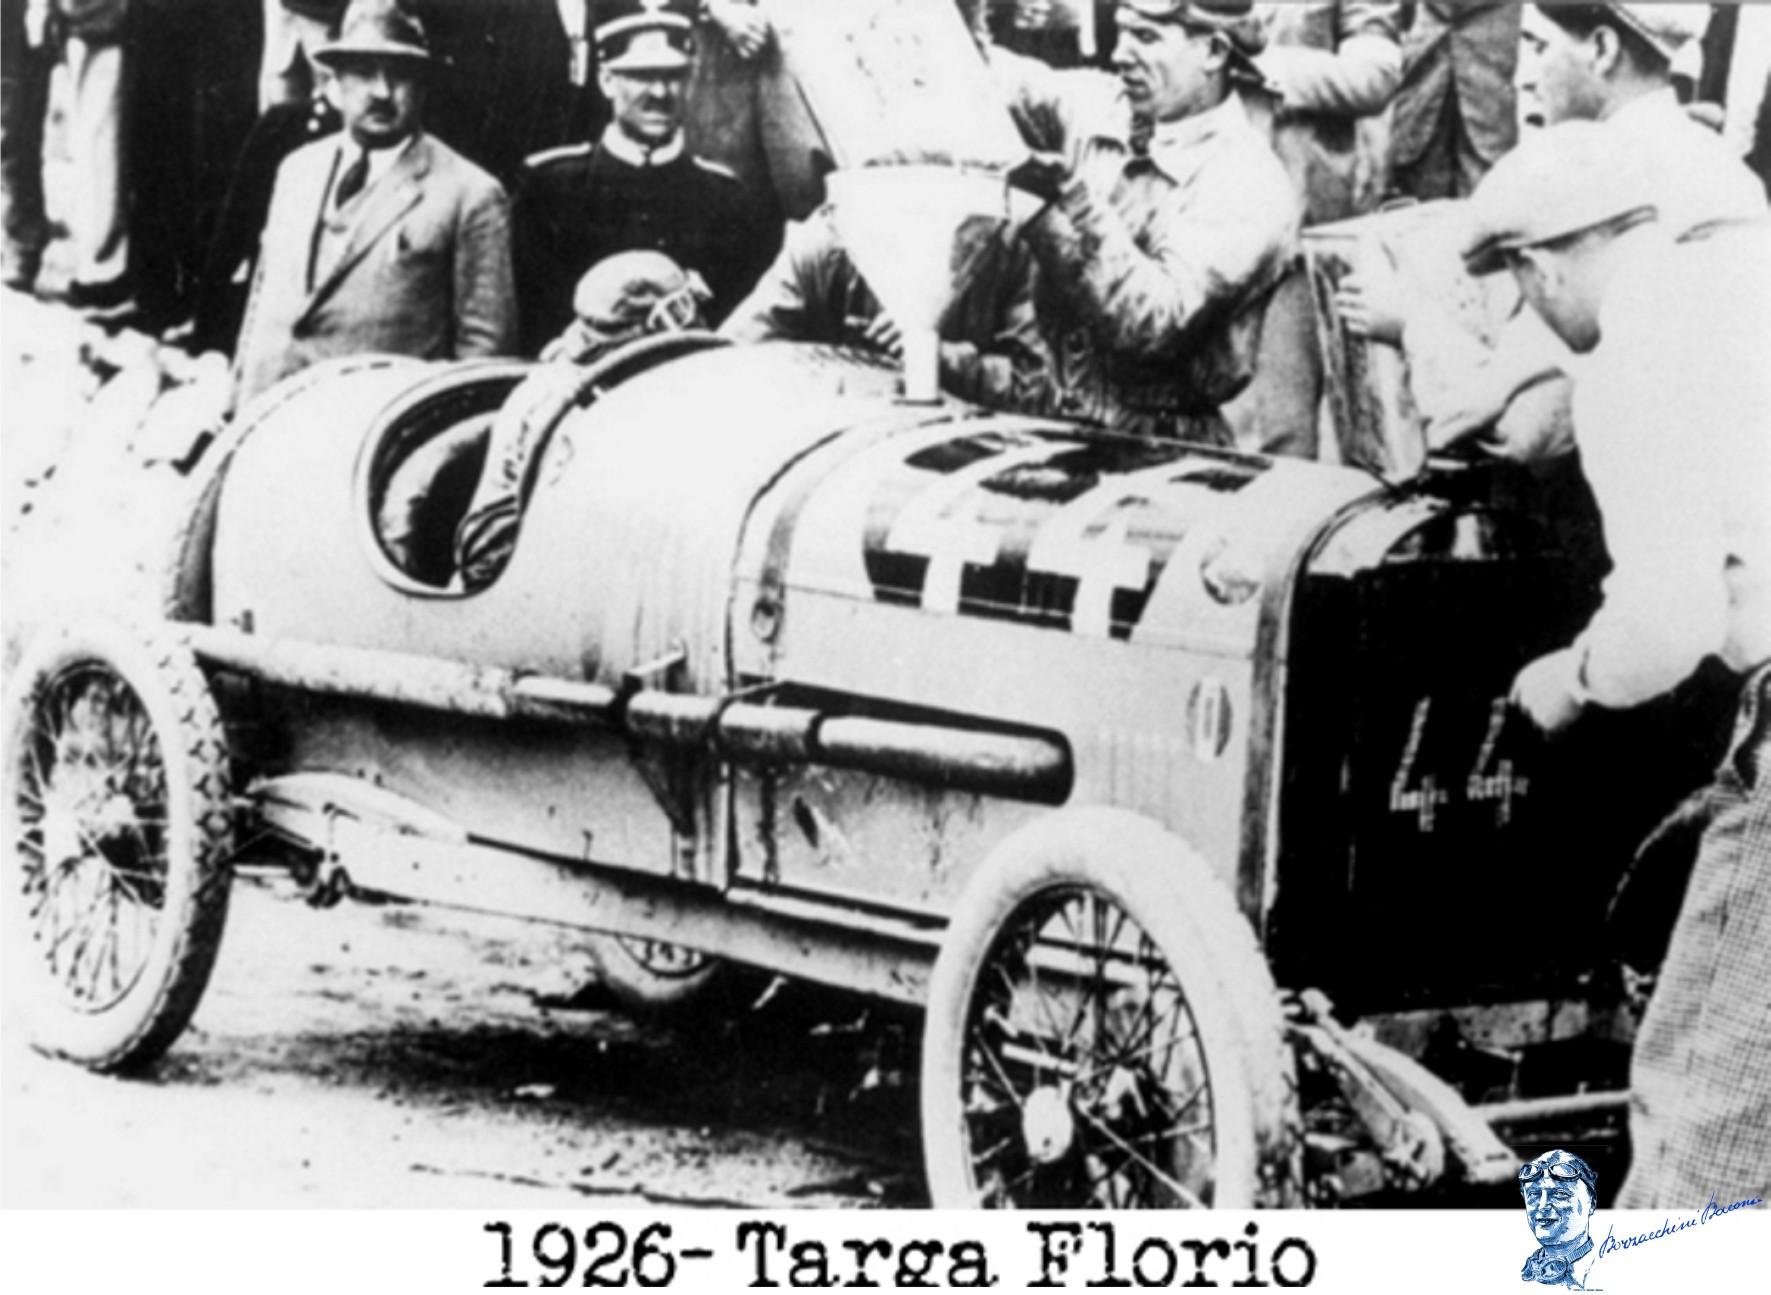 1926 targa florio 4